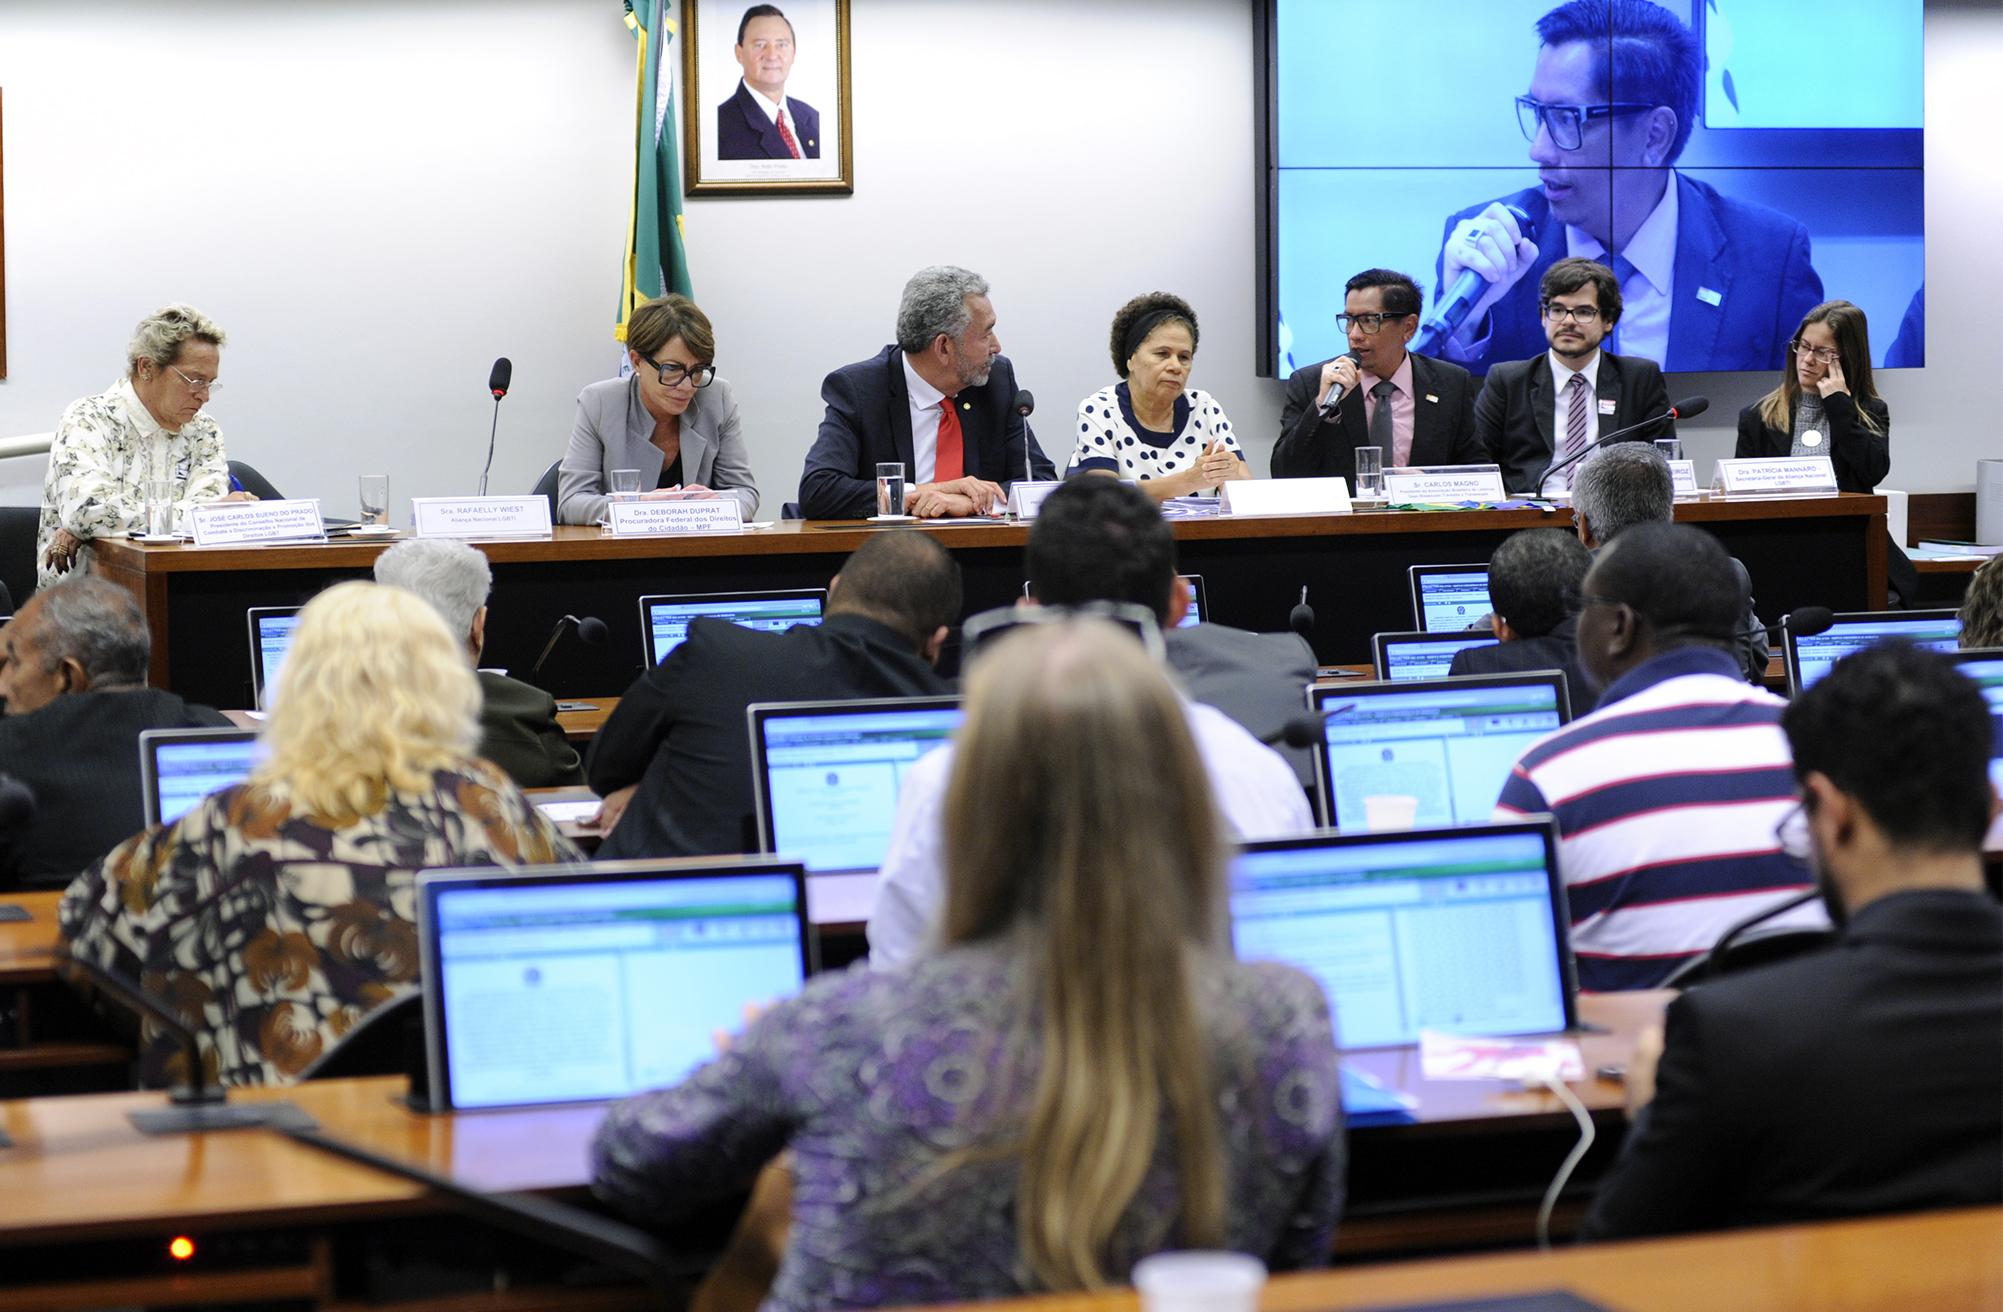 Reunião ordinária sobre o dia Internacional Contra a LGBTfobia e audiência contra os crimes de ódio e em homenagem a Renildo José dos Santos